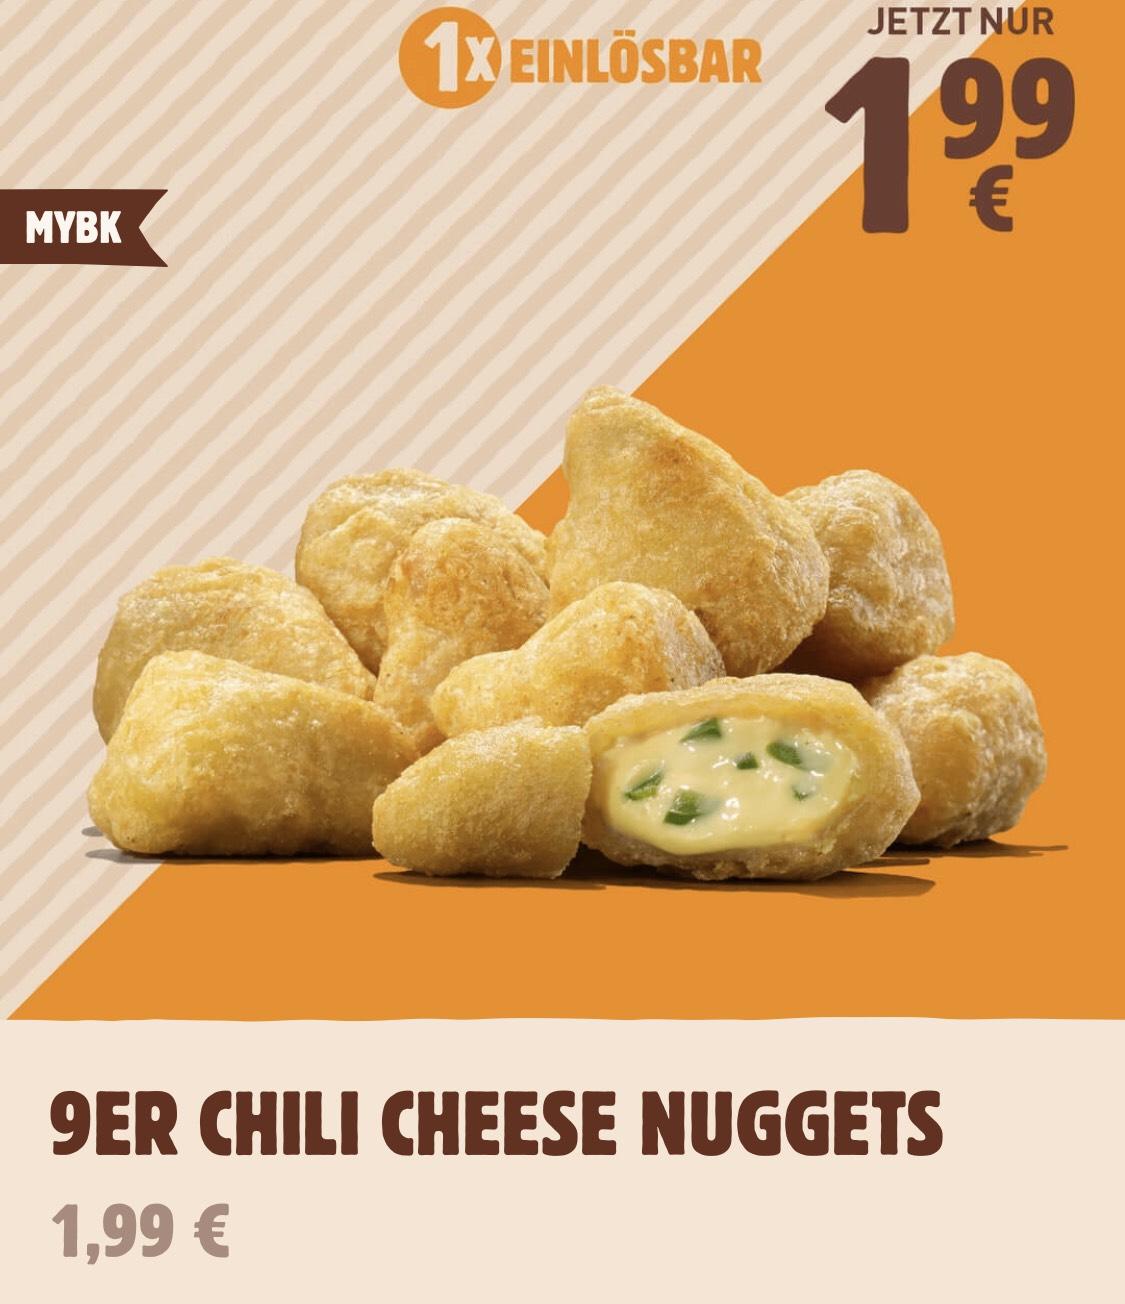 9 Chili Cheese Nuggets für 1,99€ (nur 22 Cent je Nugget) bei Burger King (mit Anmeldung bei MYBK)